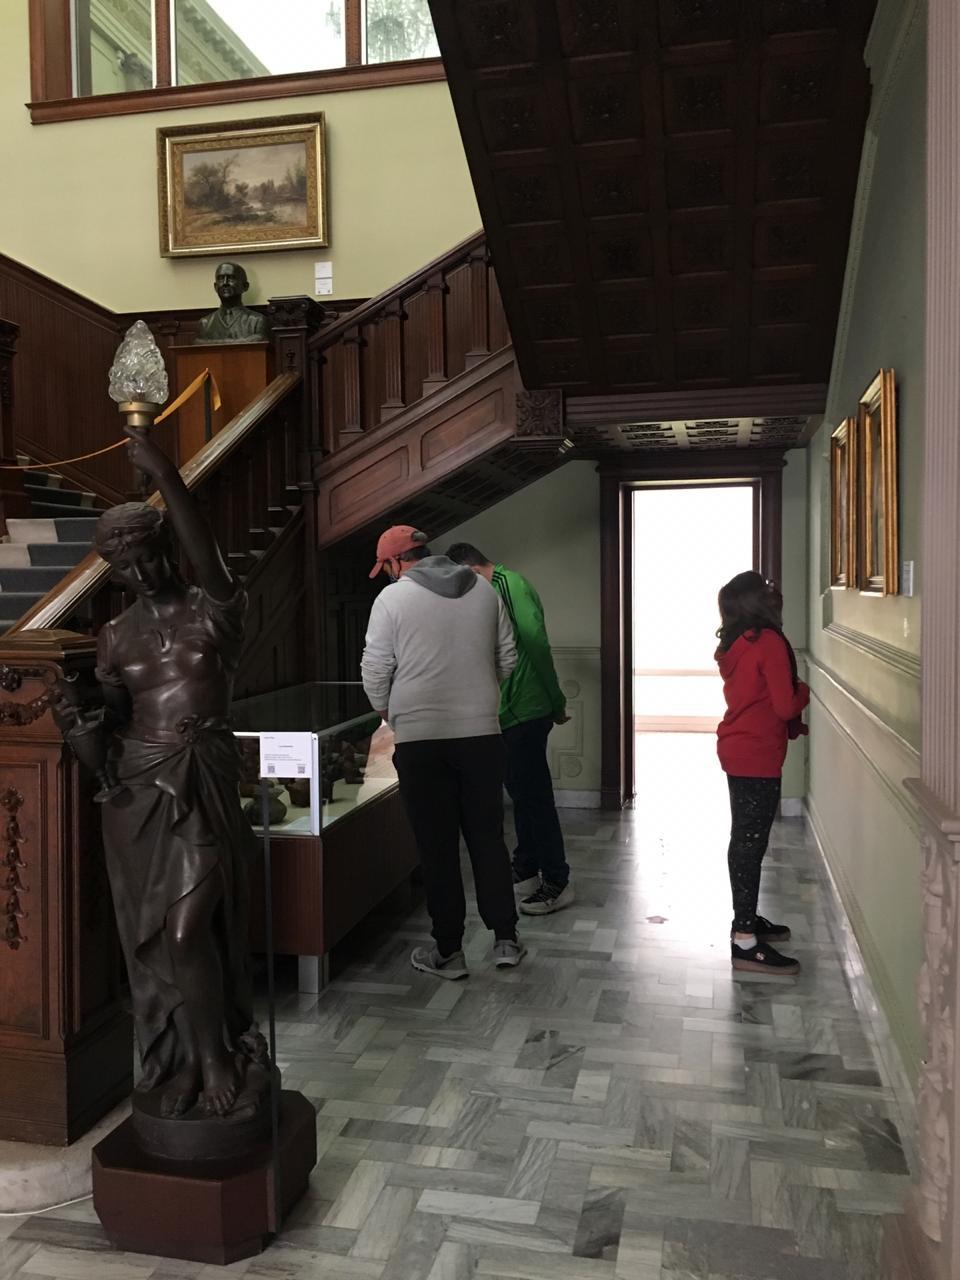 El Museo Francisco Cossío continúa recibiendo visitantes